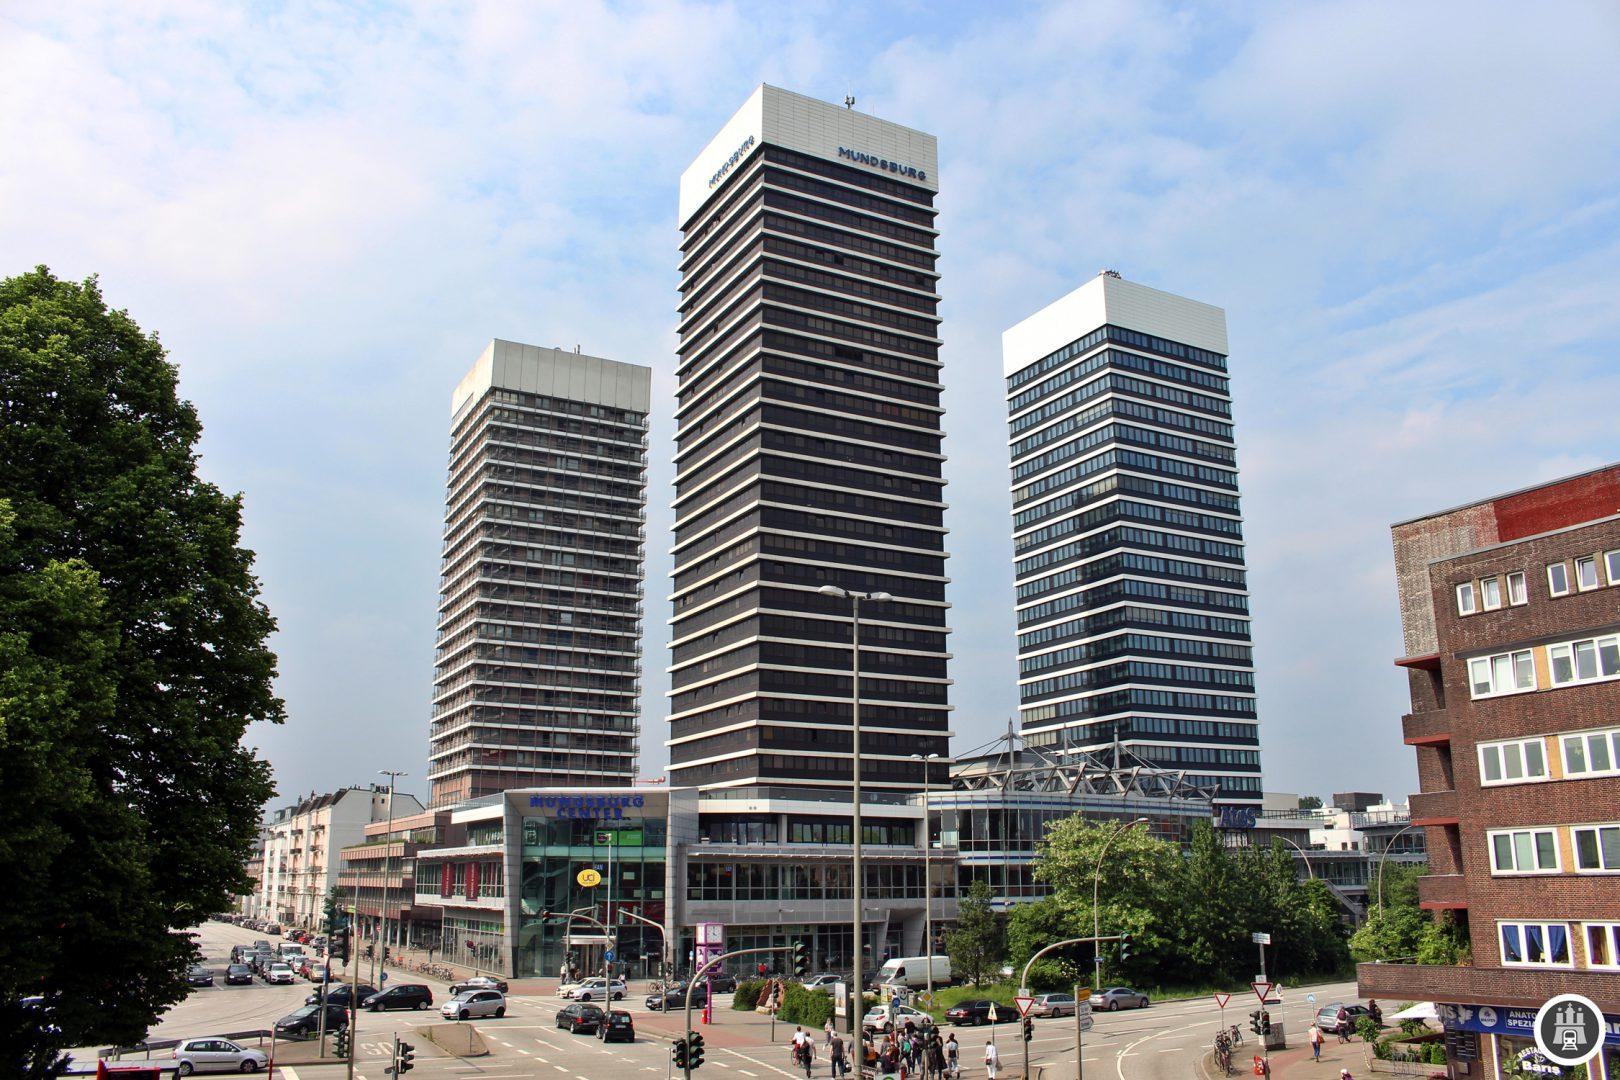 Die drei Mundsburg-Tower beherbergen Büros und Wohnungen und sind 101, 90 und 97 Meter hoch und gehören dazu zu den höchsten Gebäuden Hamburgs. Daneben befindet sich unten das Mundsburg-Center. Der Mundsburg ist zudem Verkehrsknotenpunkt: Neben dem MetroBus 25 halten hier die U3 und weitere Buslinien.